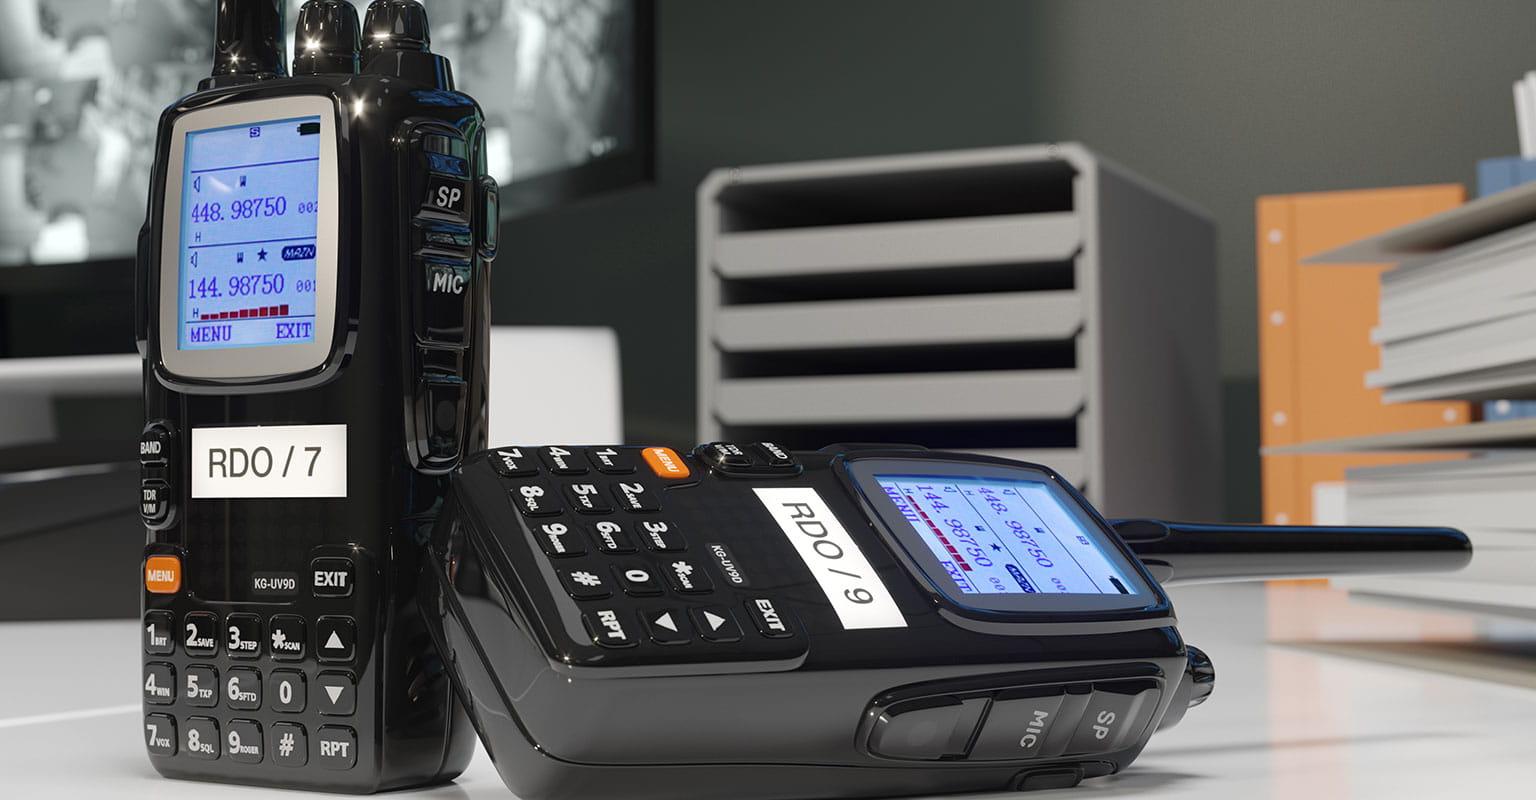 Dva radio walkie-talkie uređaja s identifikacijskim naljepnicama koje su izrađene na Brother P-touch pisaču naljepnica